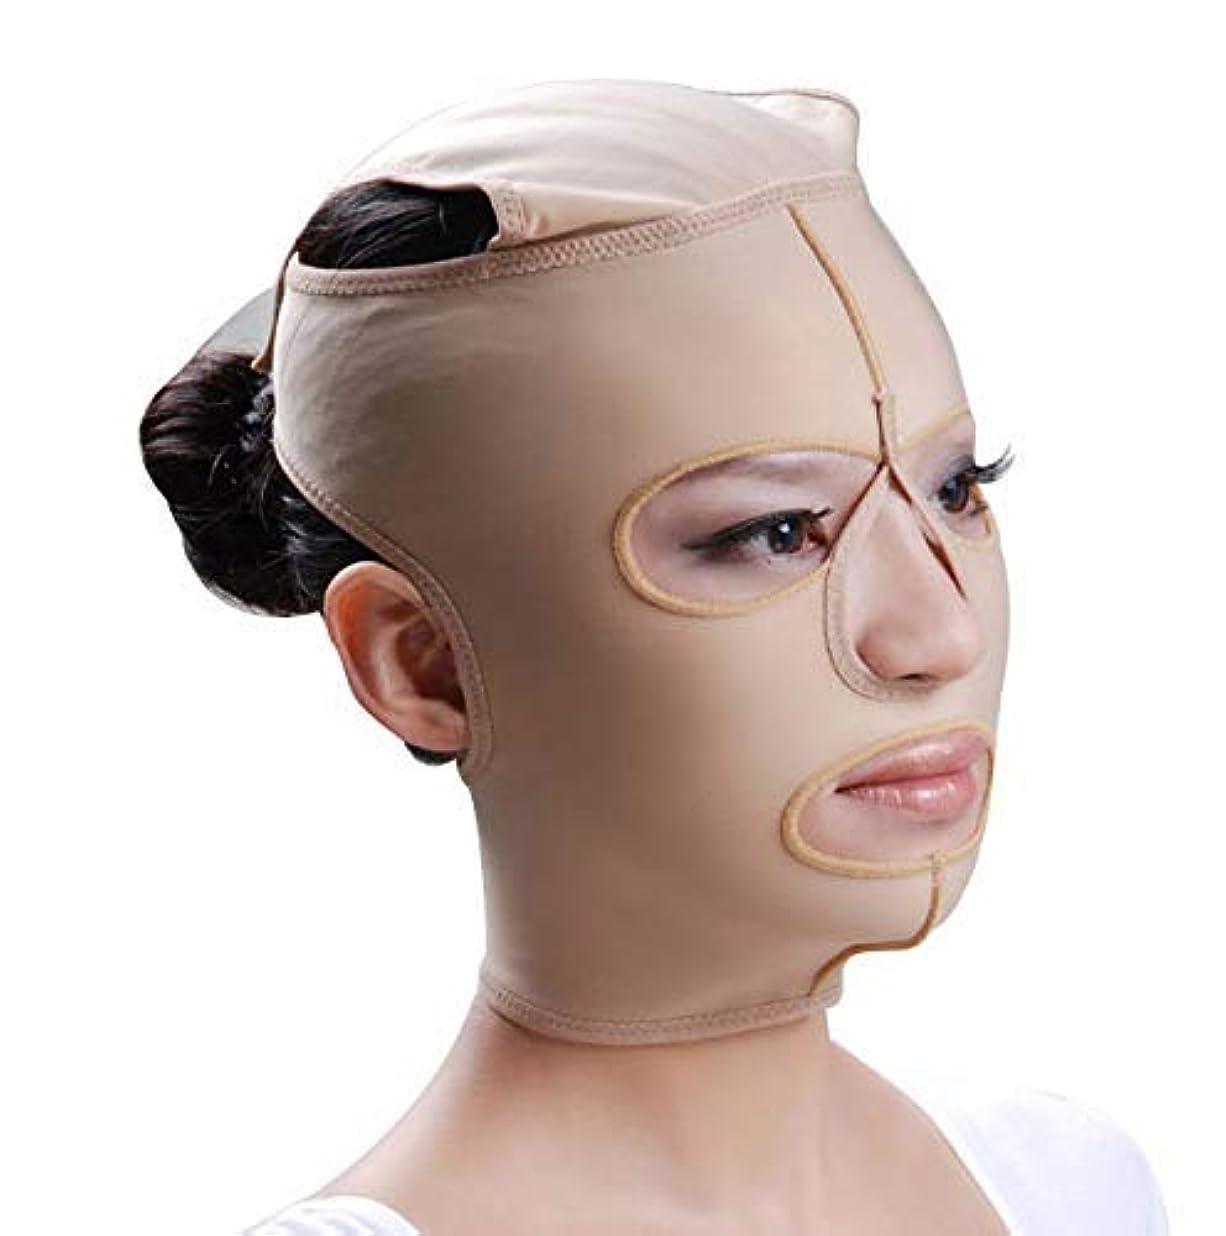 無駄にぬるい気味の悪いファーミングフェイスマスク、フェイシャルマスクエラスティックフェイスリフティングリフティングファーミングパターンマイクロフィニッシングポストモデリングコンプレッションフェイスマスク(サイズ:S),L